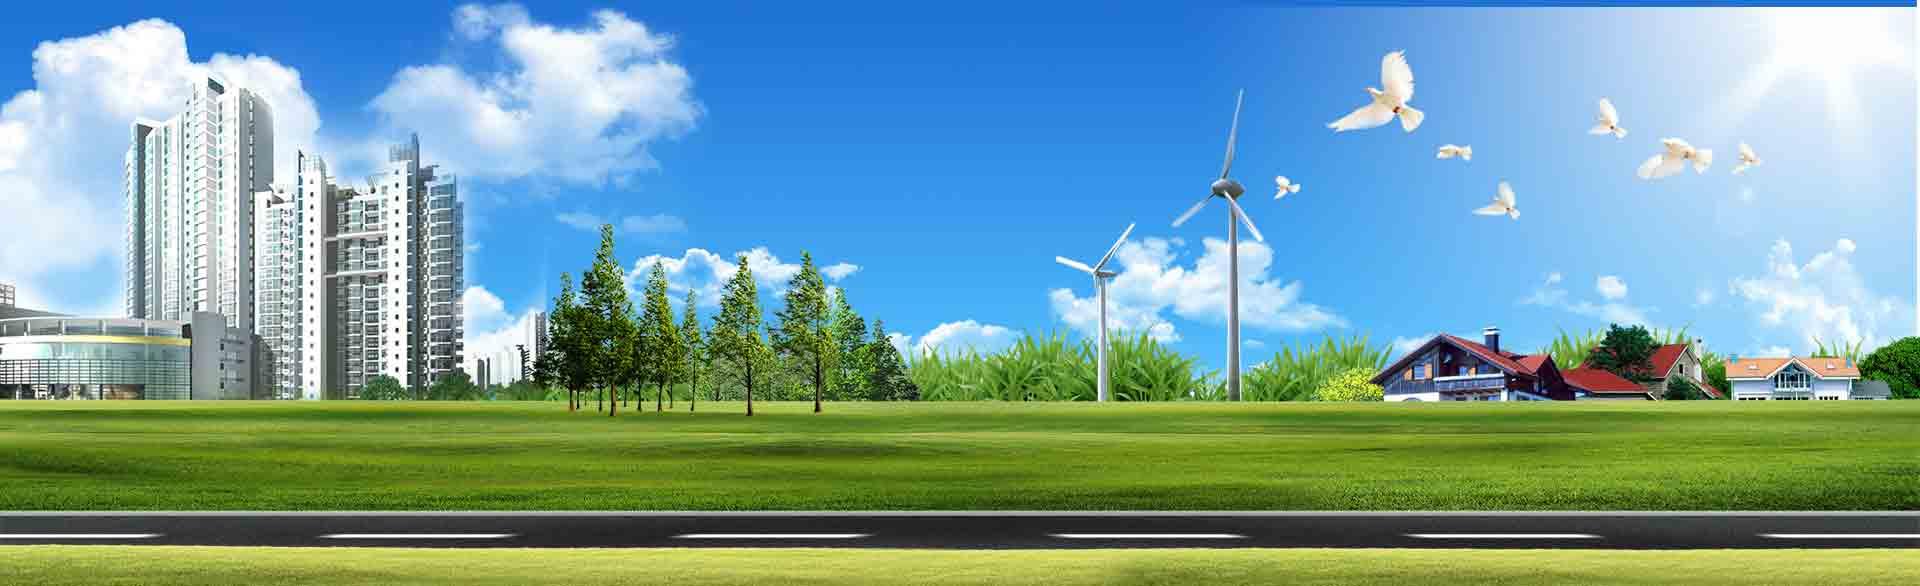 水土保持生态环境建设与运营一站式专业服务商